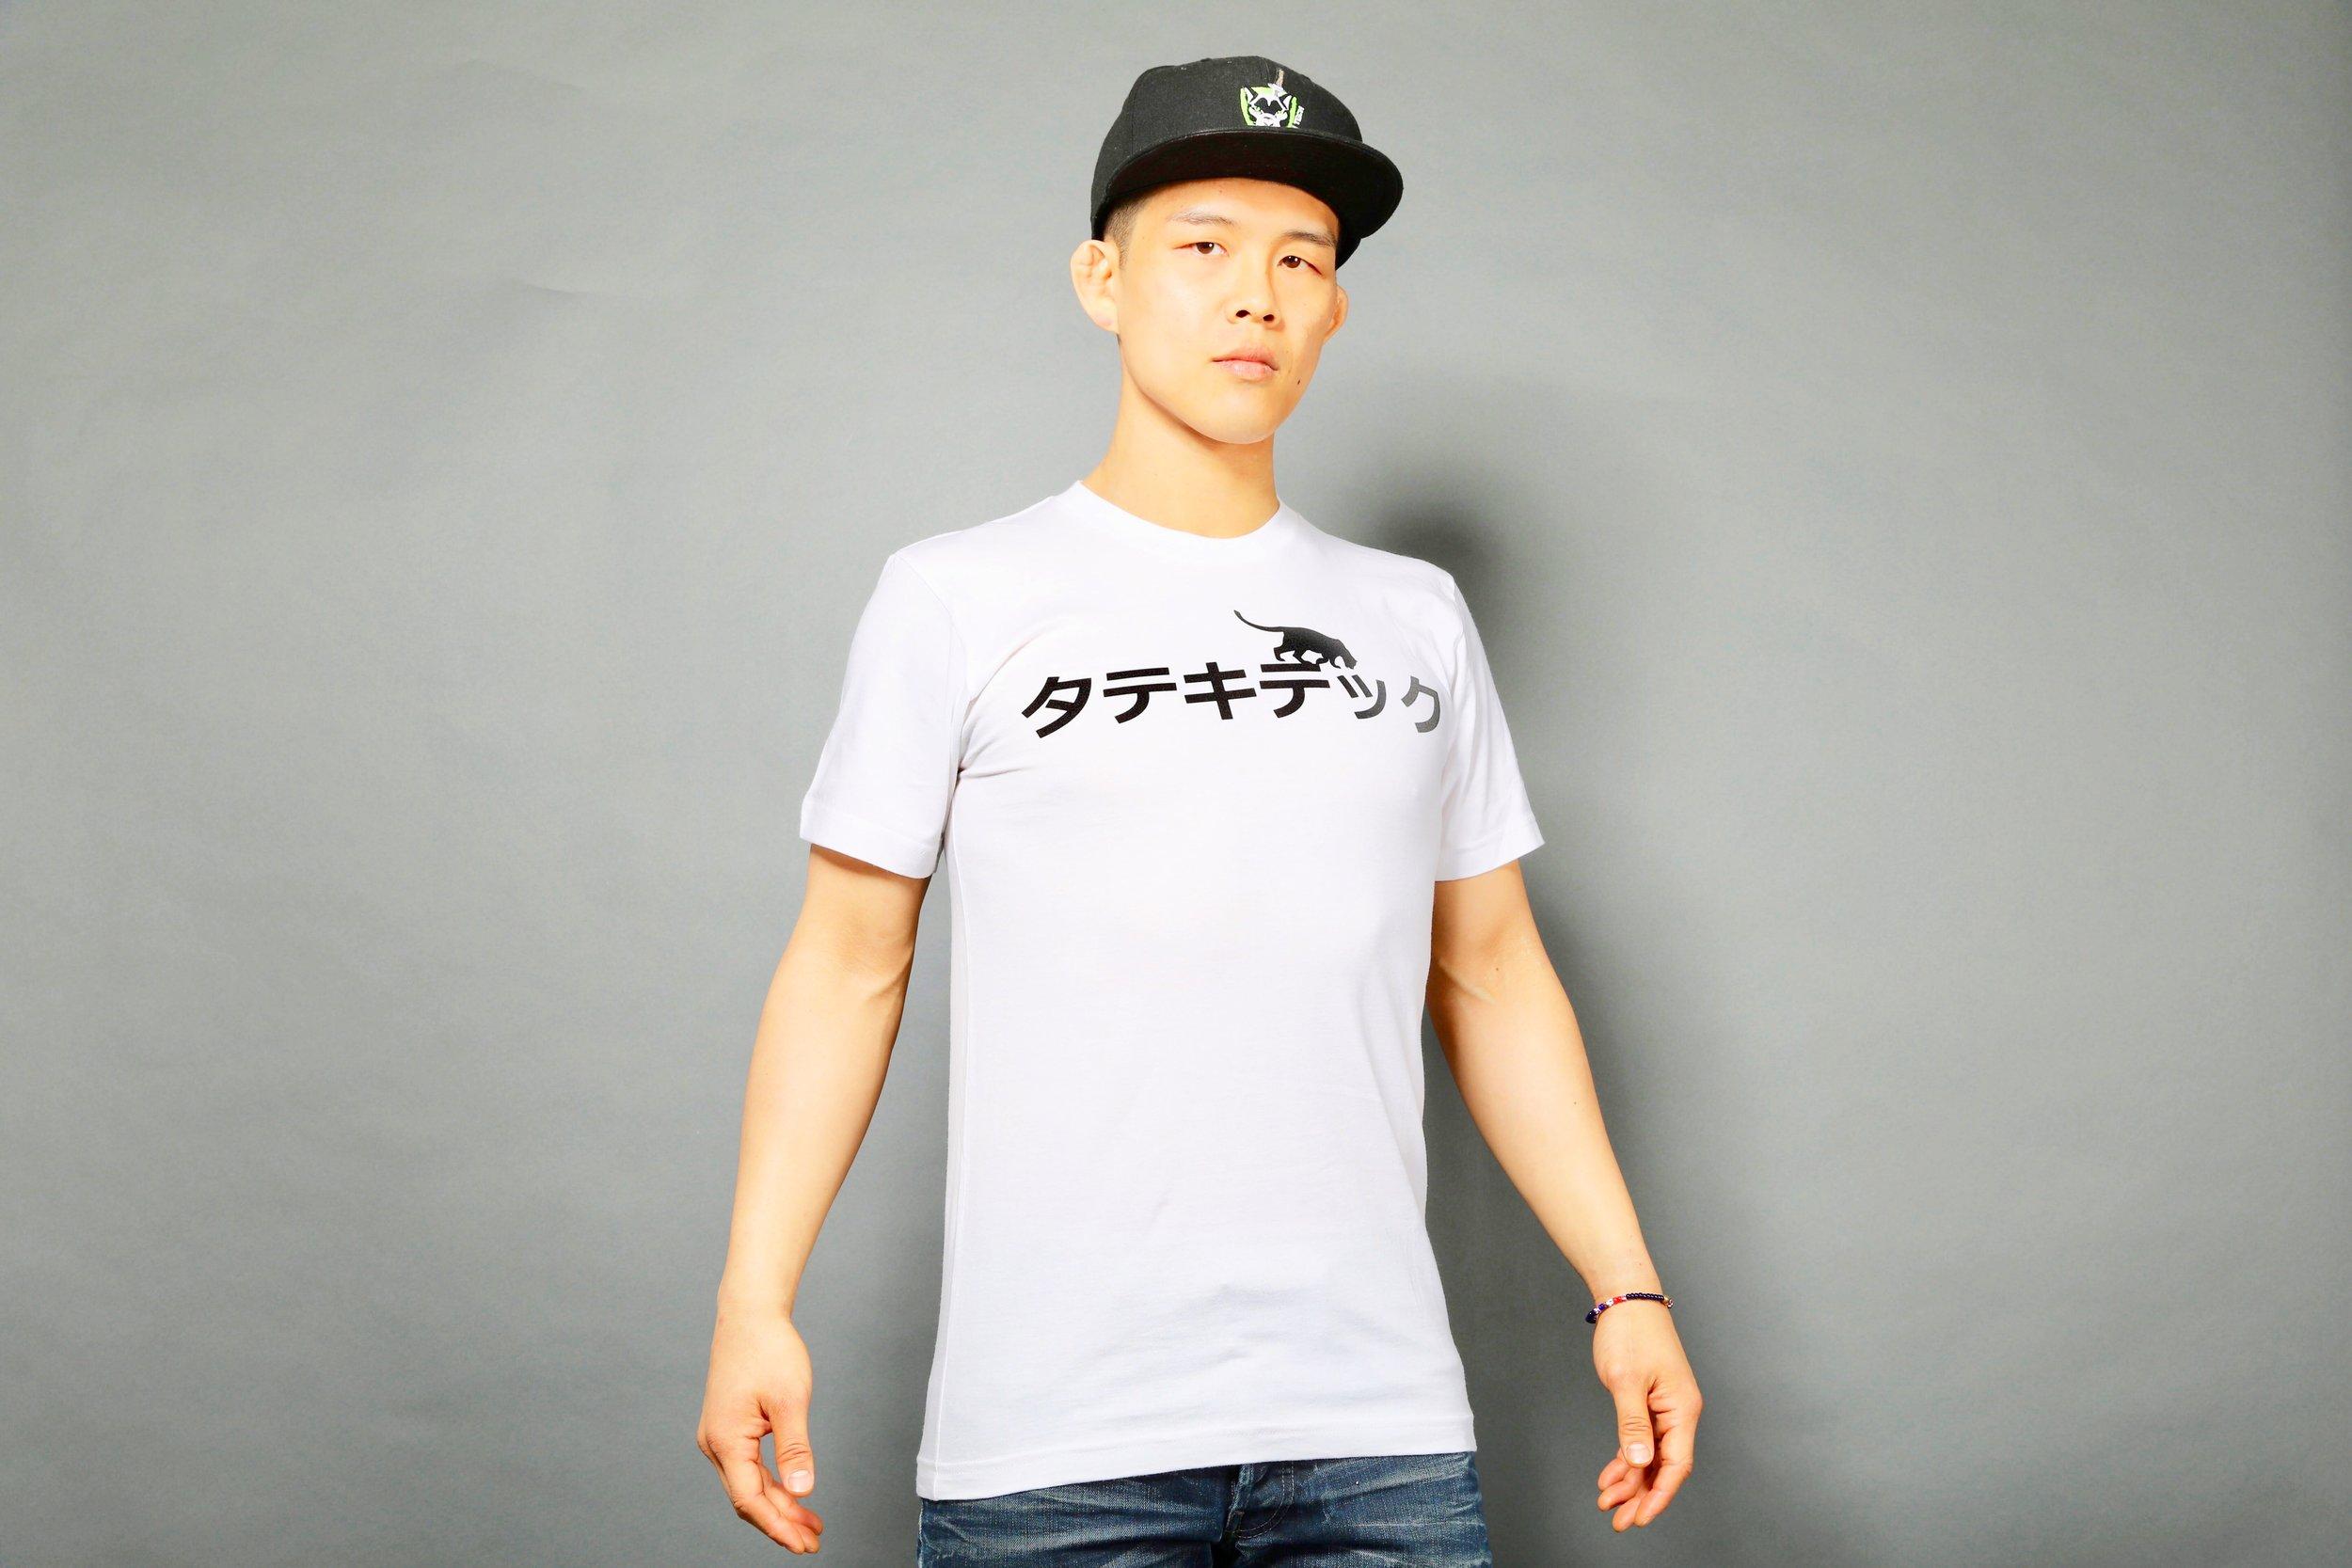 Tateki Tech Katakana